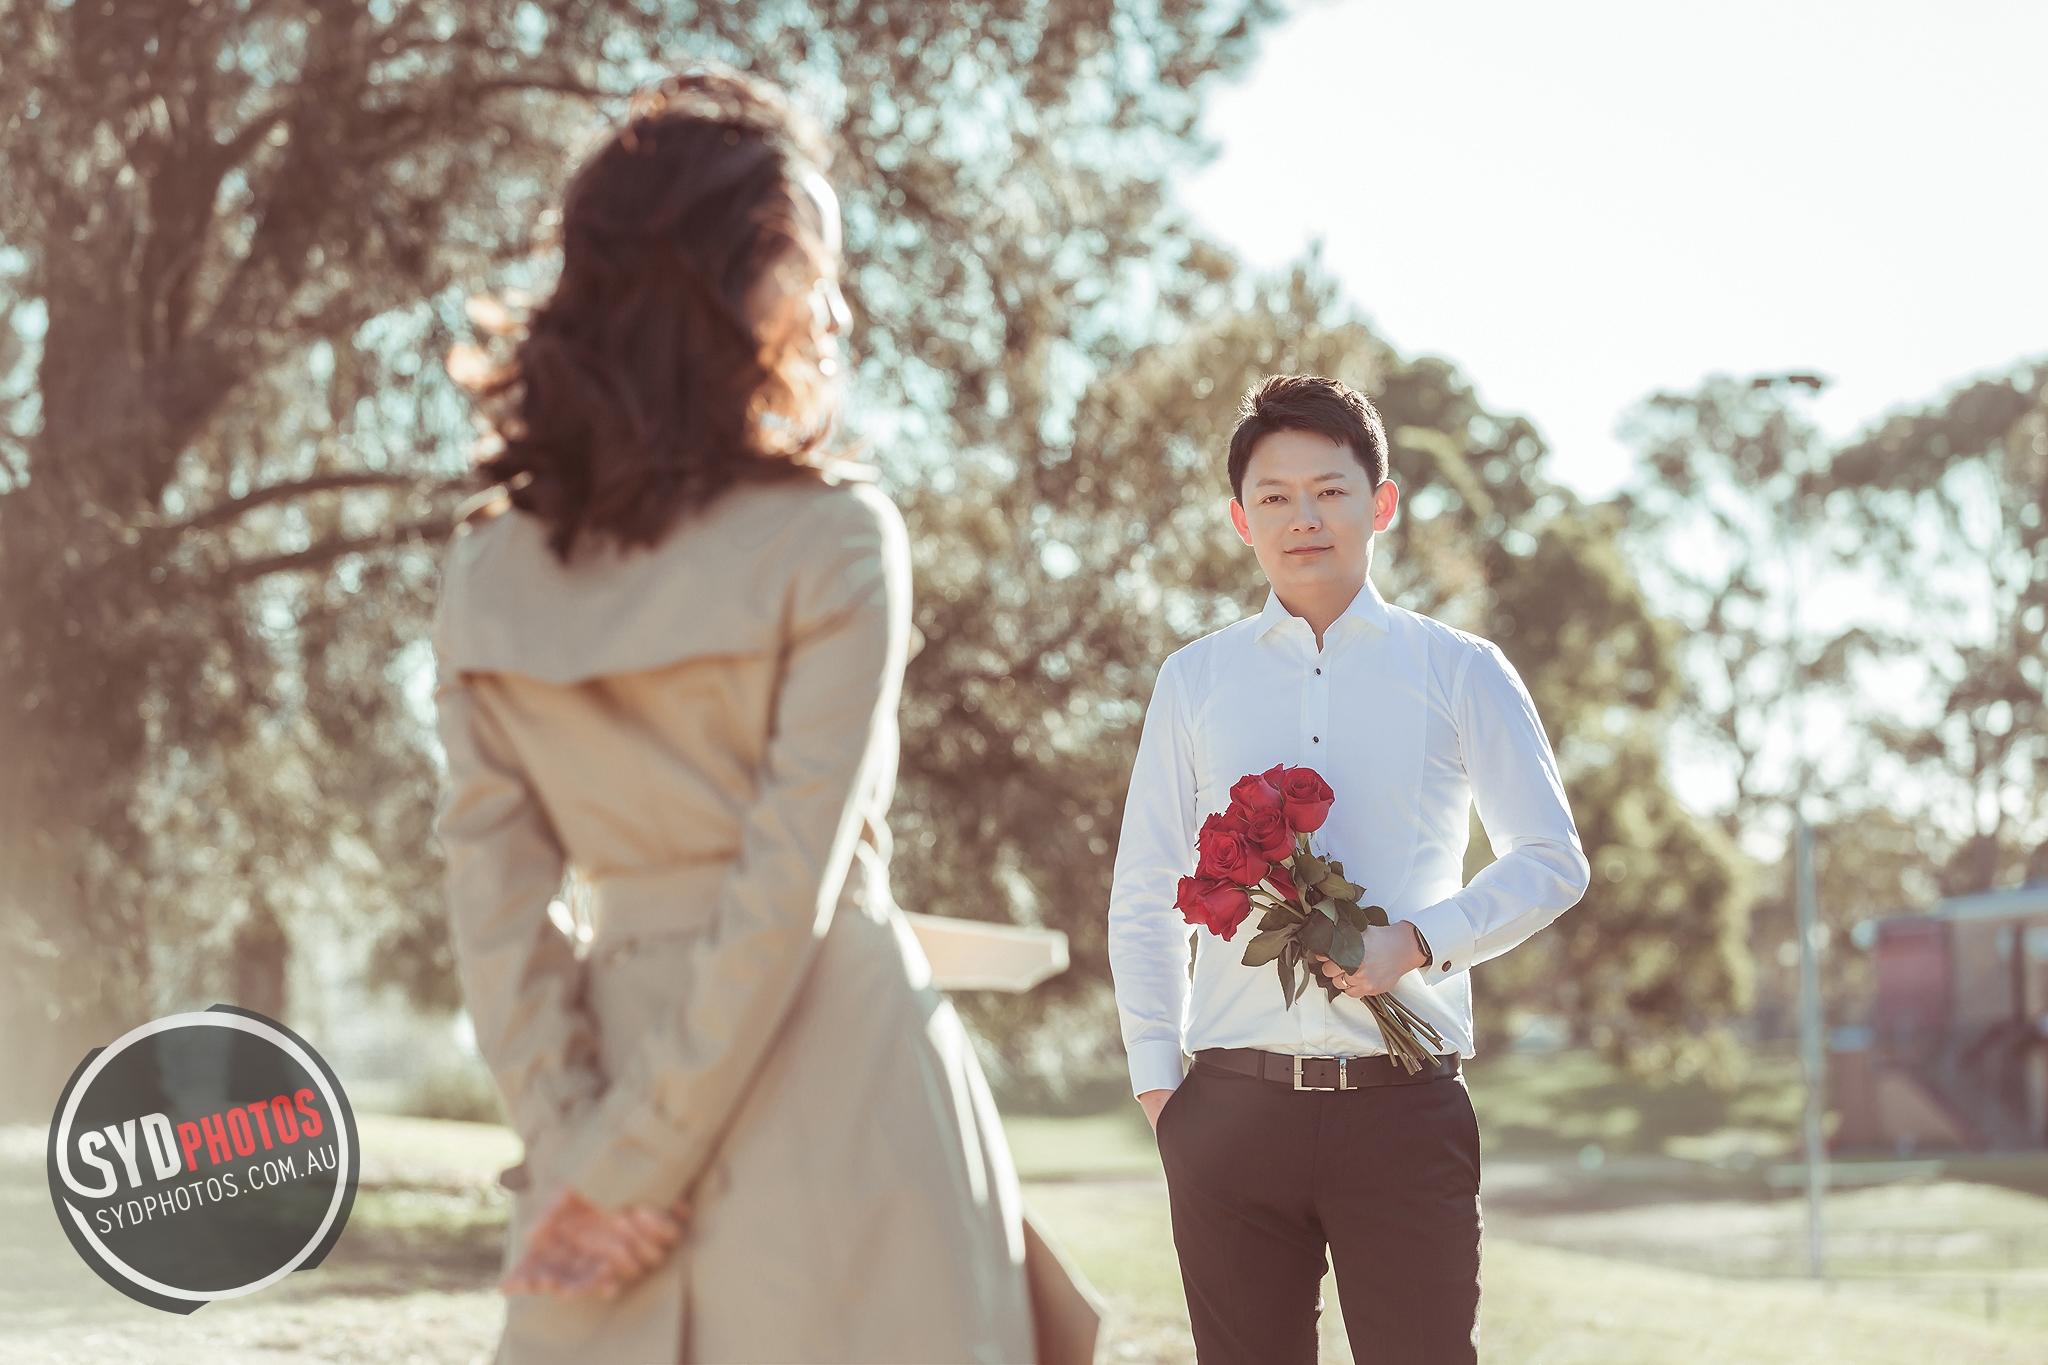 ID-103903-Hui-惊喜求婚